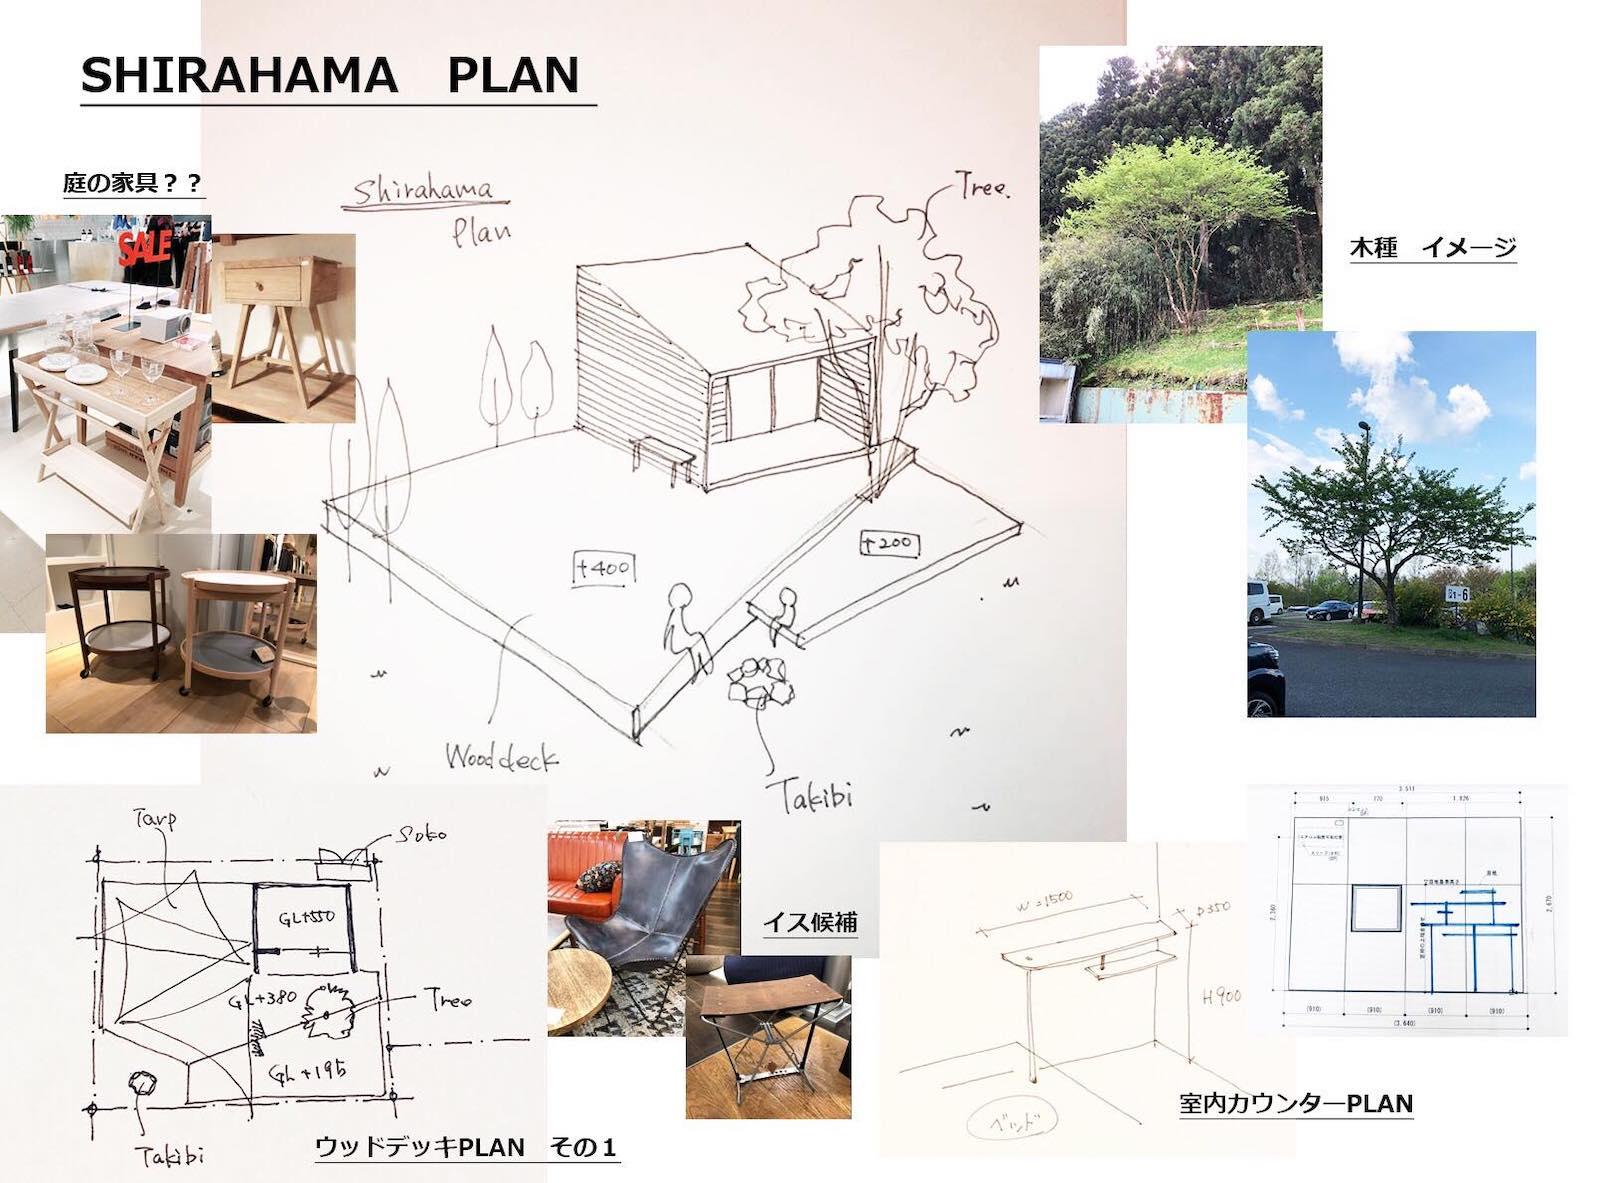 ナミエさんがデザインした小屋の内装と外観